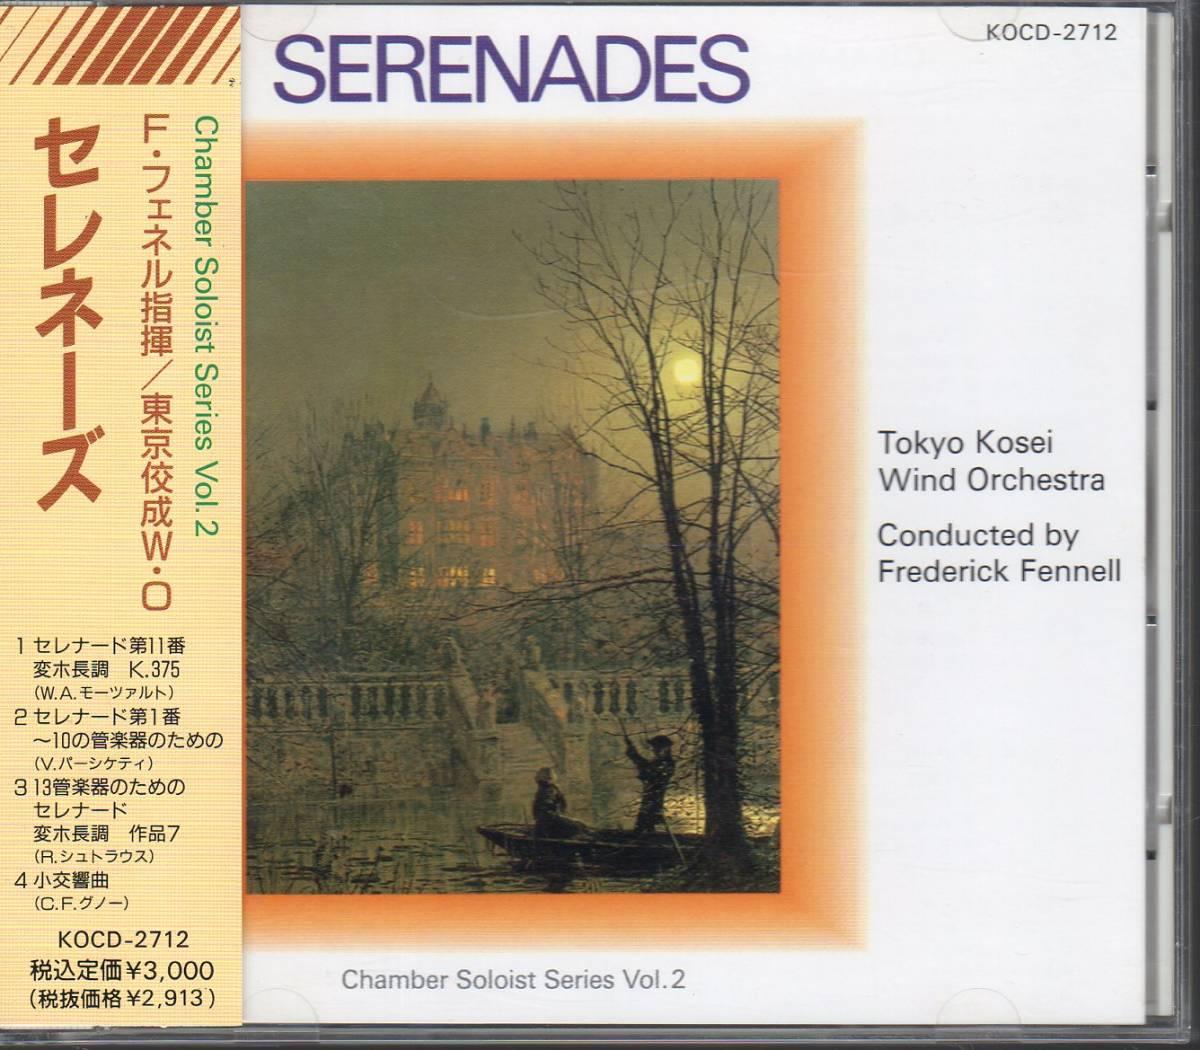 廃盤/吹奏楽/東京佼成ウインドオーケストラ:セレネーズ/パーシケティ:セレナード第1番/13管楽器のためのセレナード/グノー:小交響曲